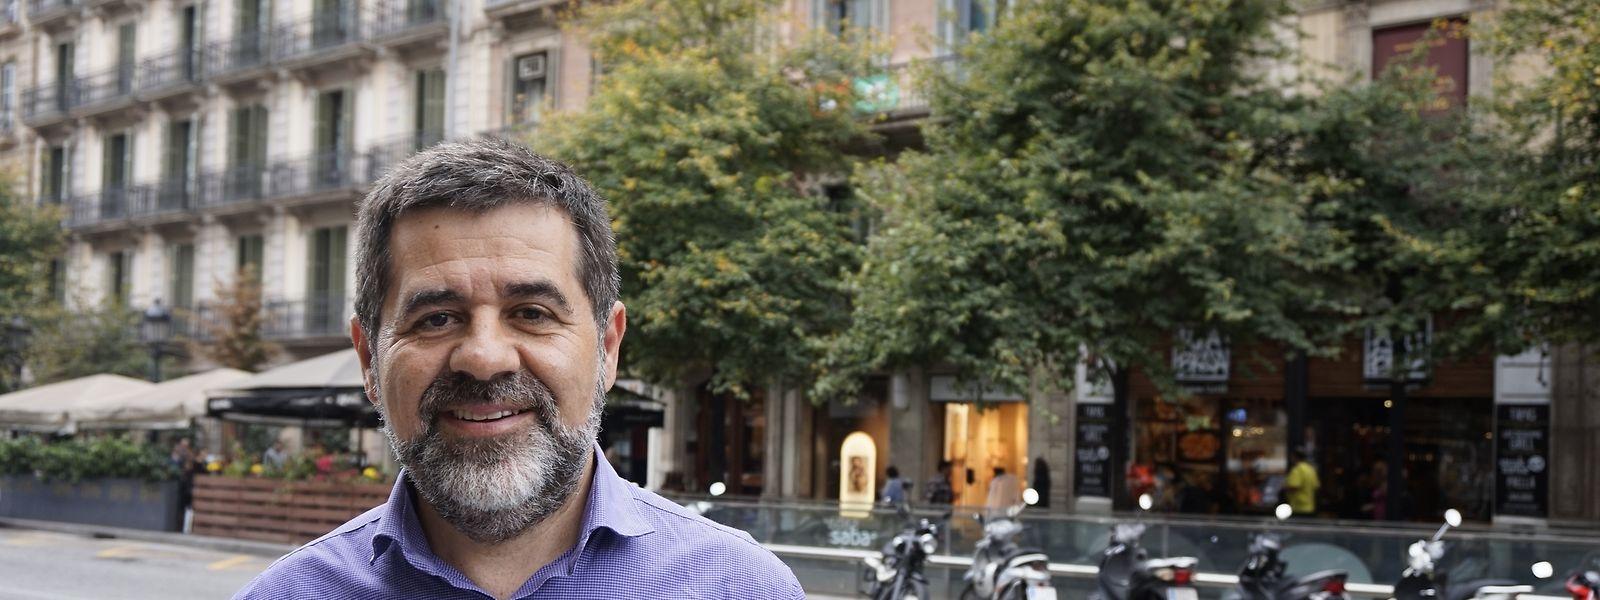 """Der frühere Chef der separatistischen Organisation  """"Katalanische Nationalversammlung"""" (ANC), Jordi Sánchez, wurde als Kandidaten für das Amt vorgeschlagen."""